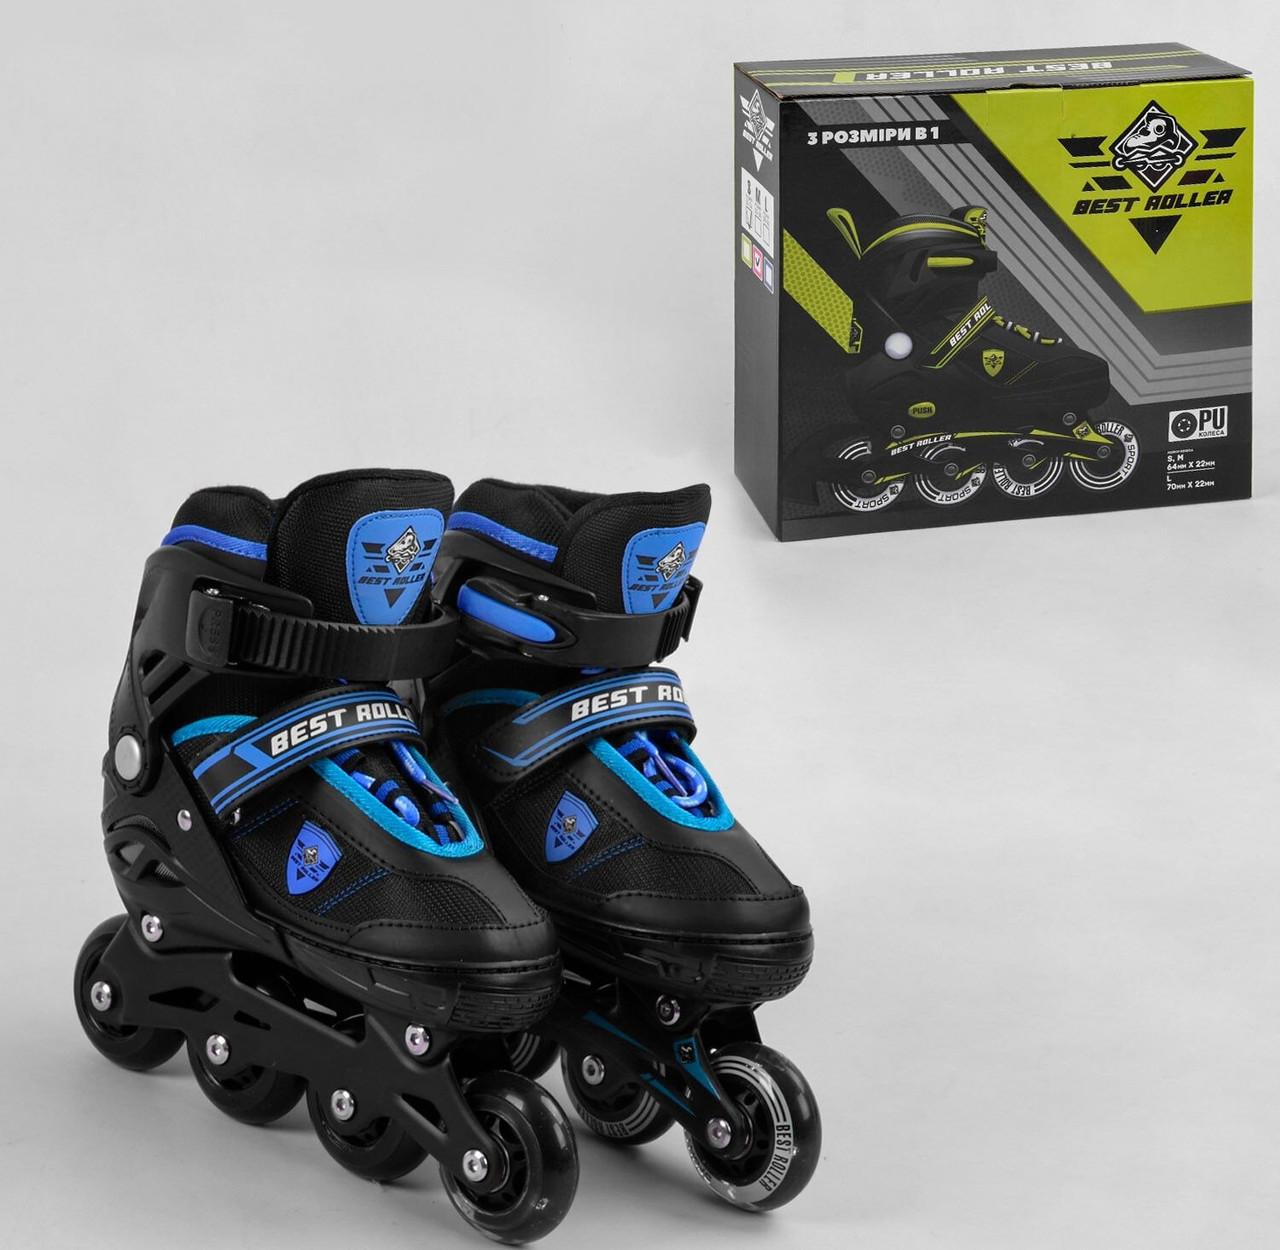 Дитячі ролики з кольоровими світяться колеса з поліуретану 40455-S Best Roller (розмір 31-34), колір синій